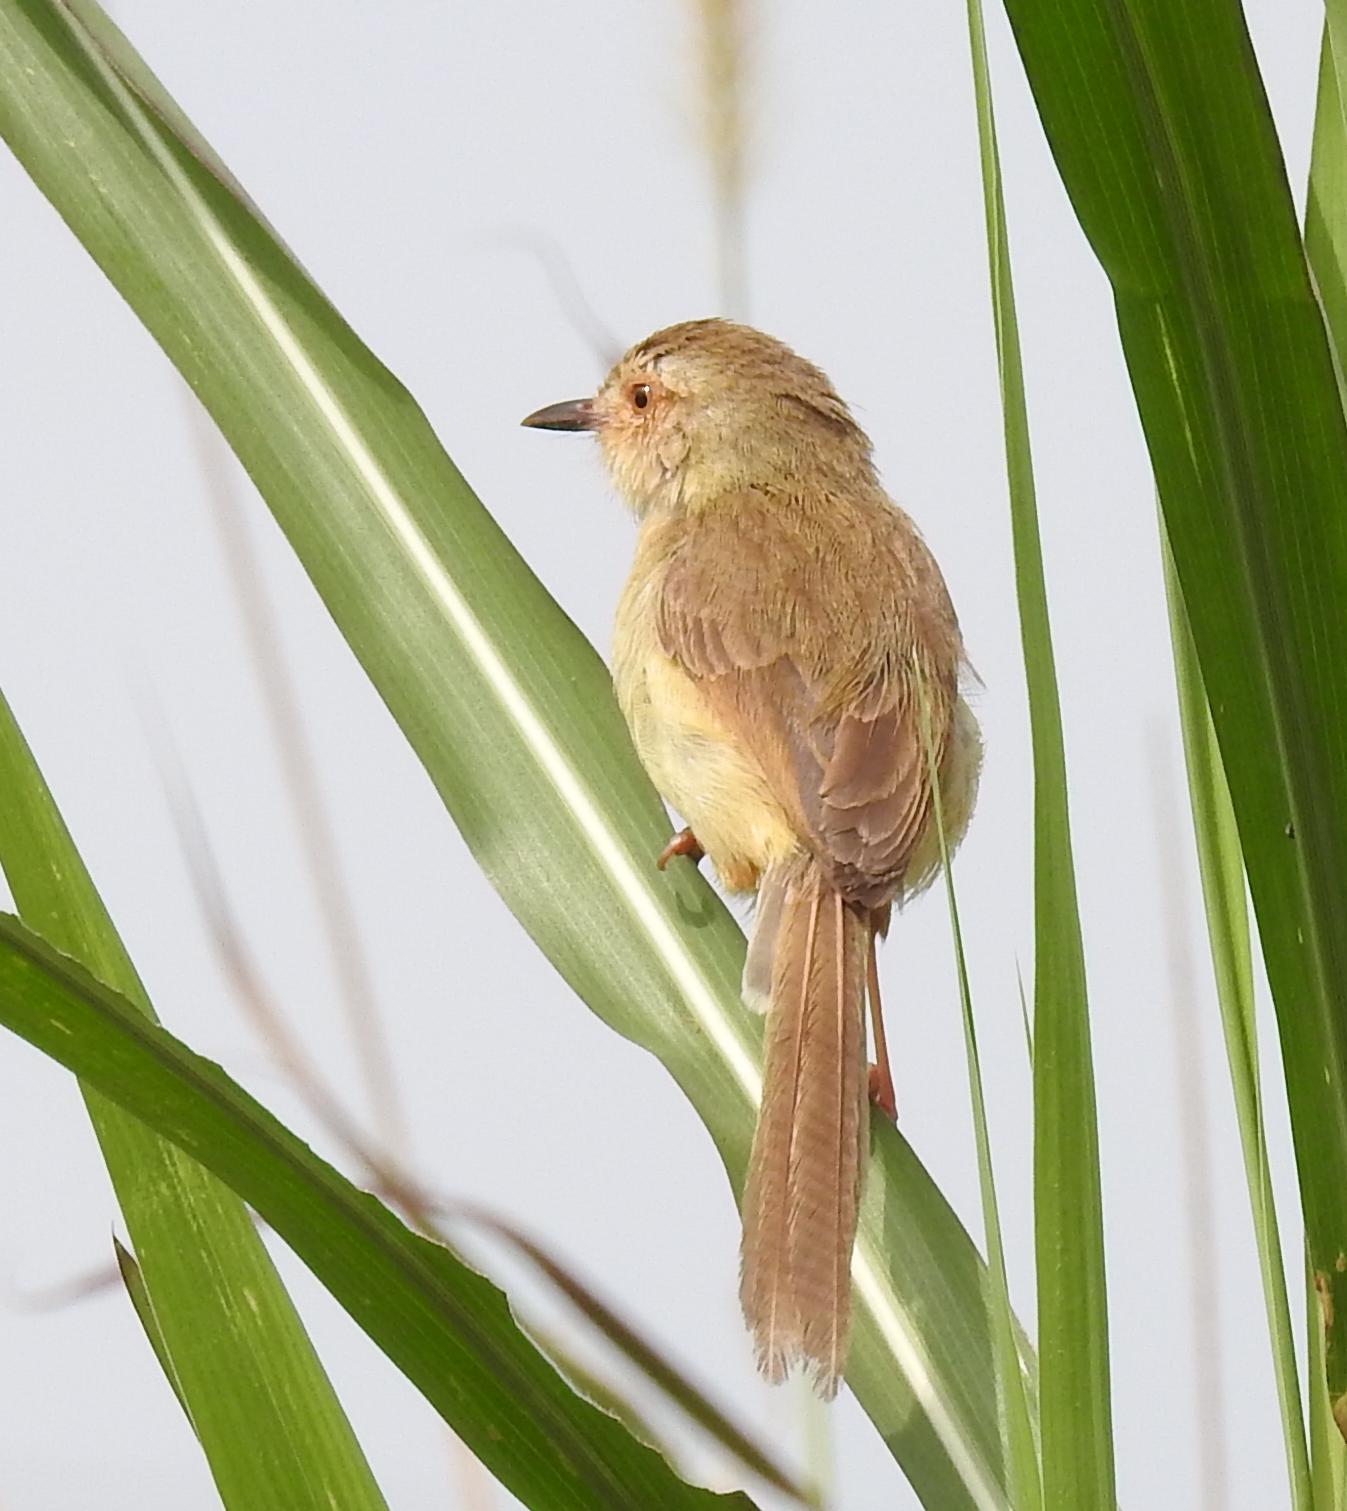 Peter's Blog: 褐頭鷦鶯